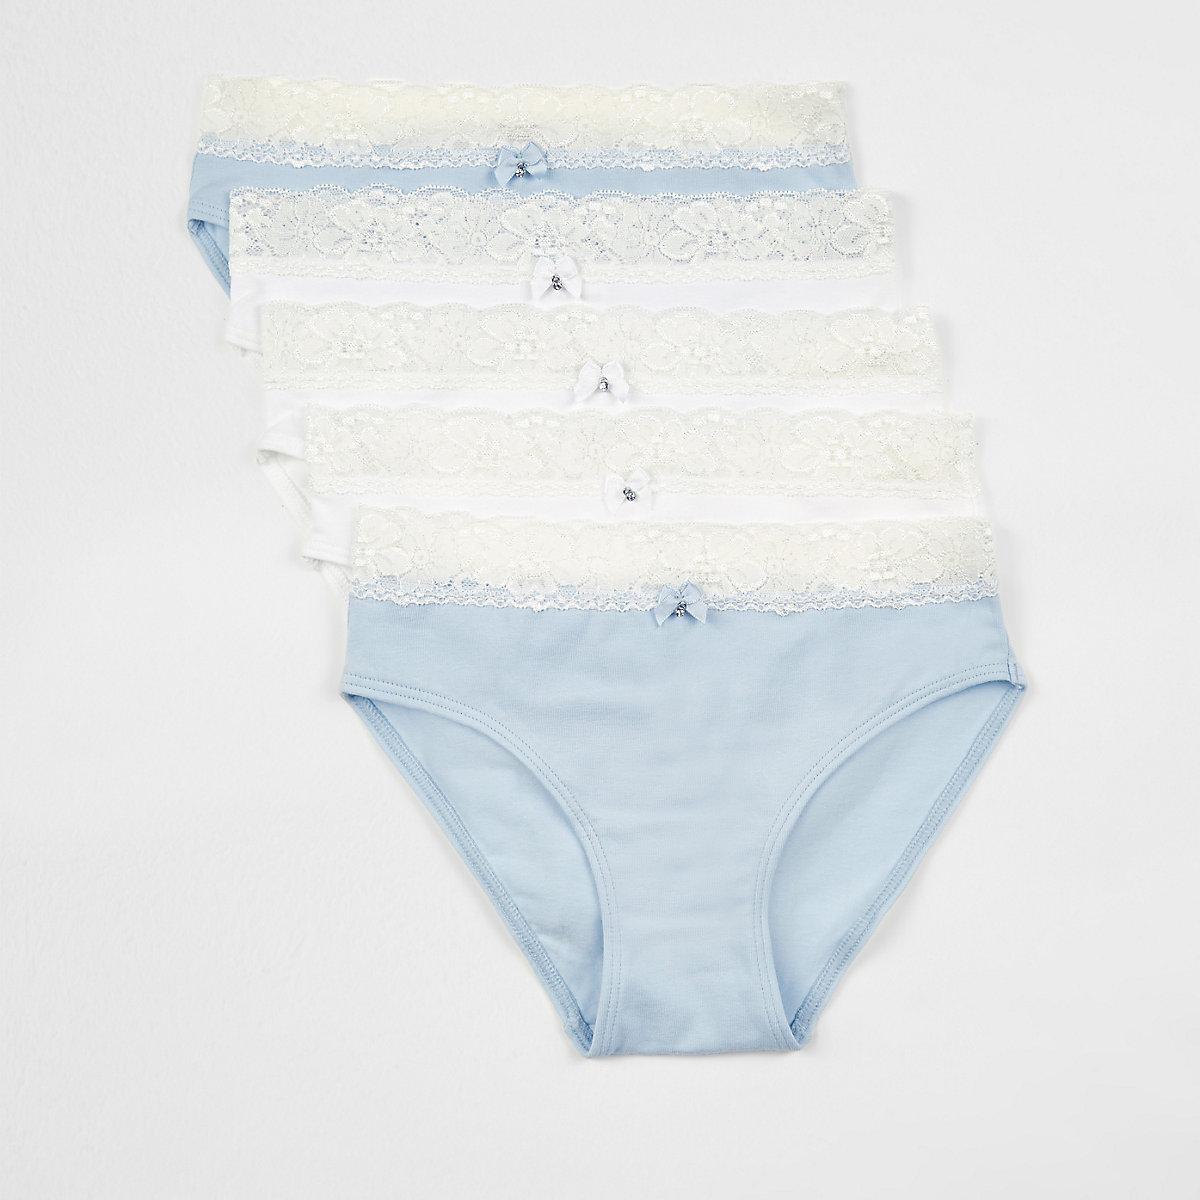 Lot de culottes bordées de dentelle pour fille